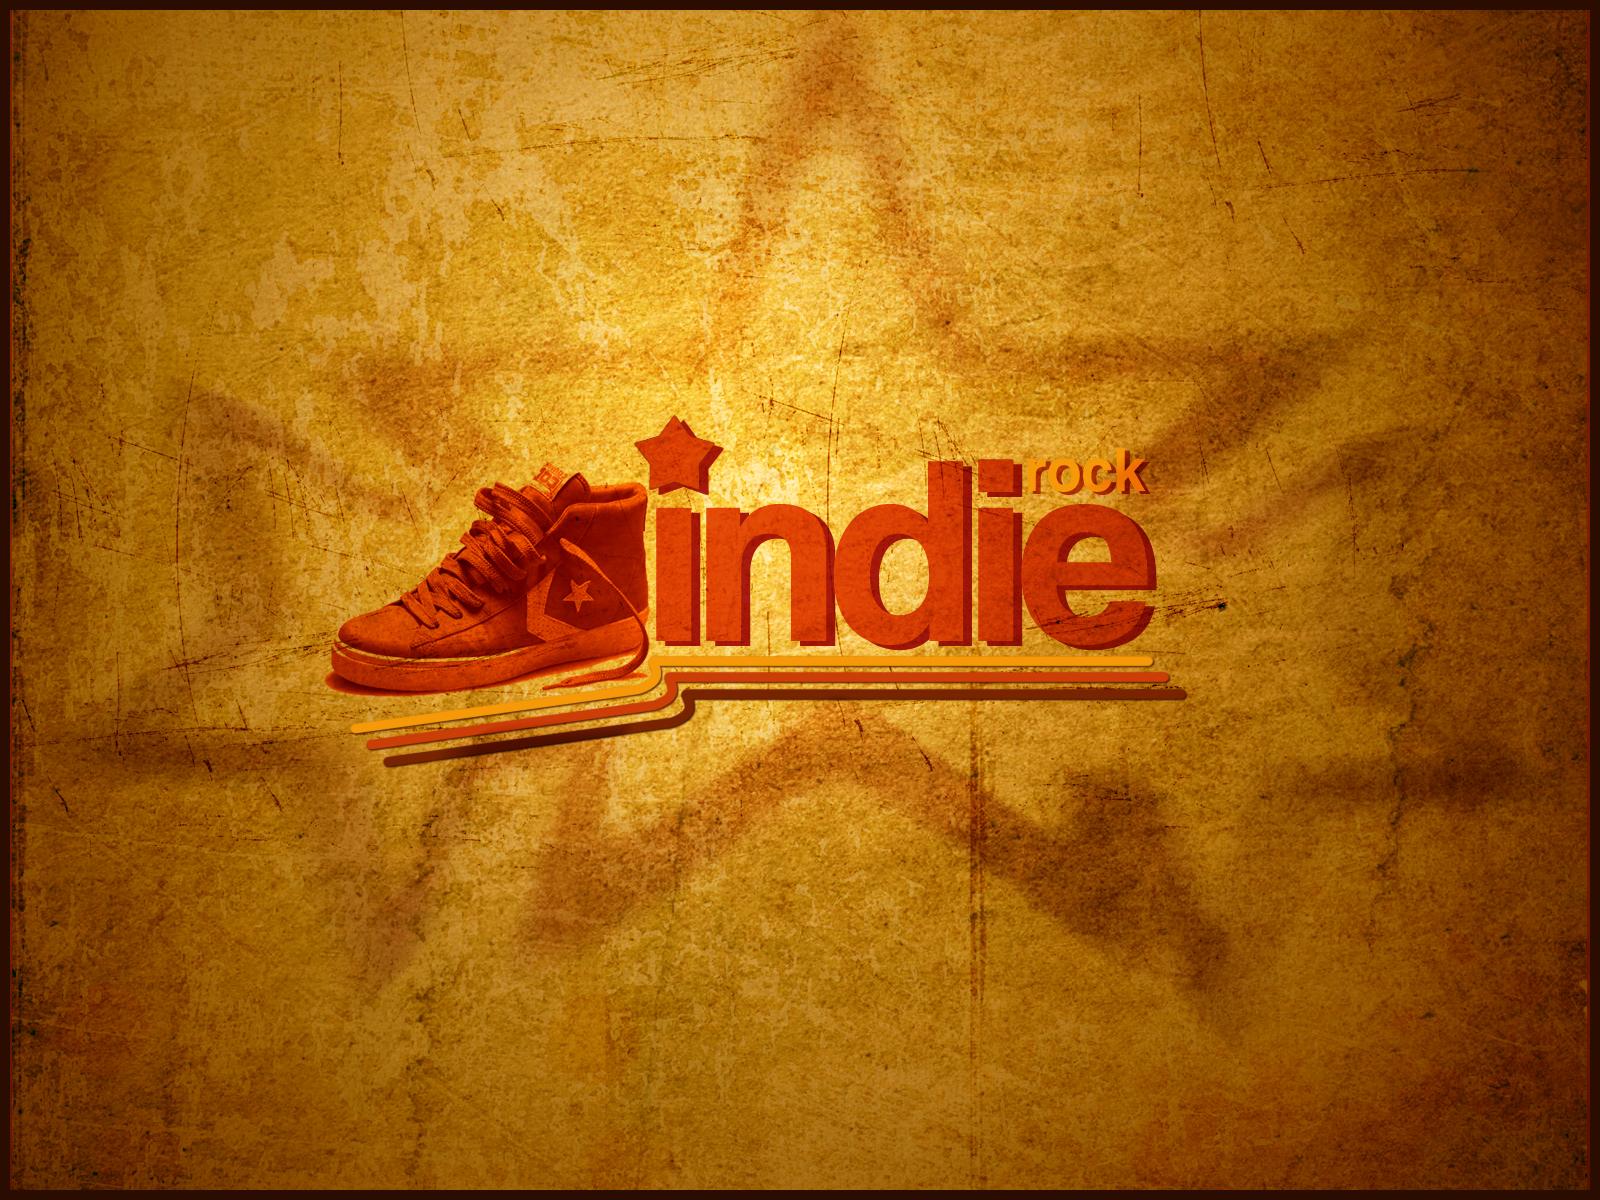 Indie Rock WP by jobajik on DeviantArt